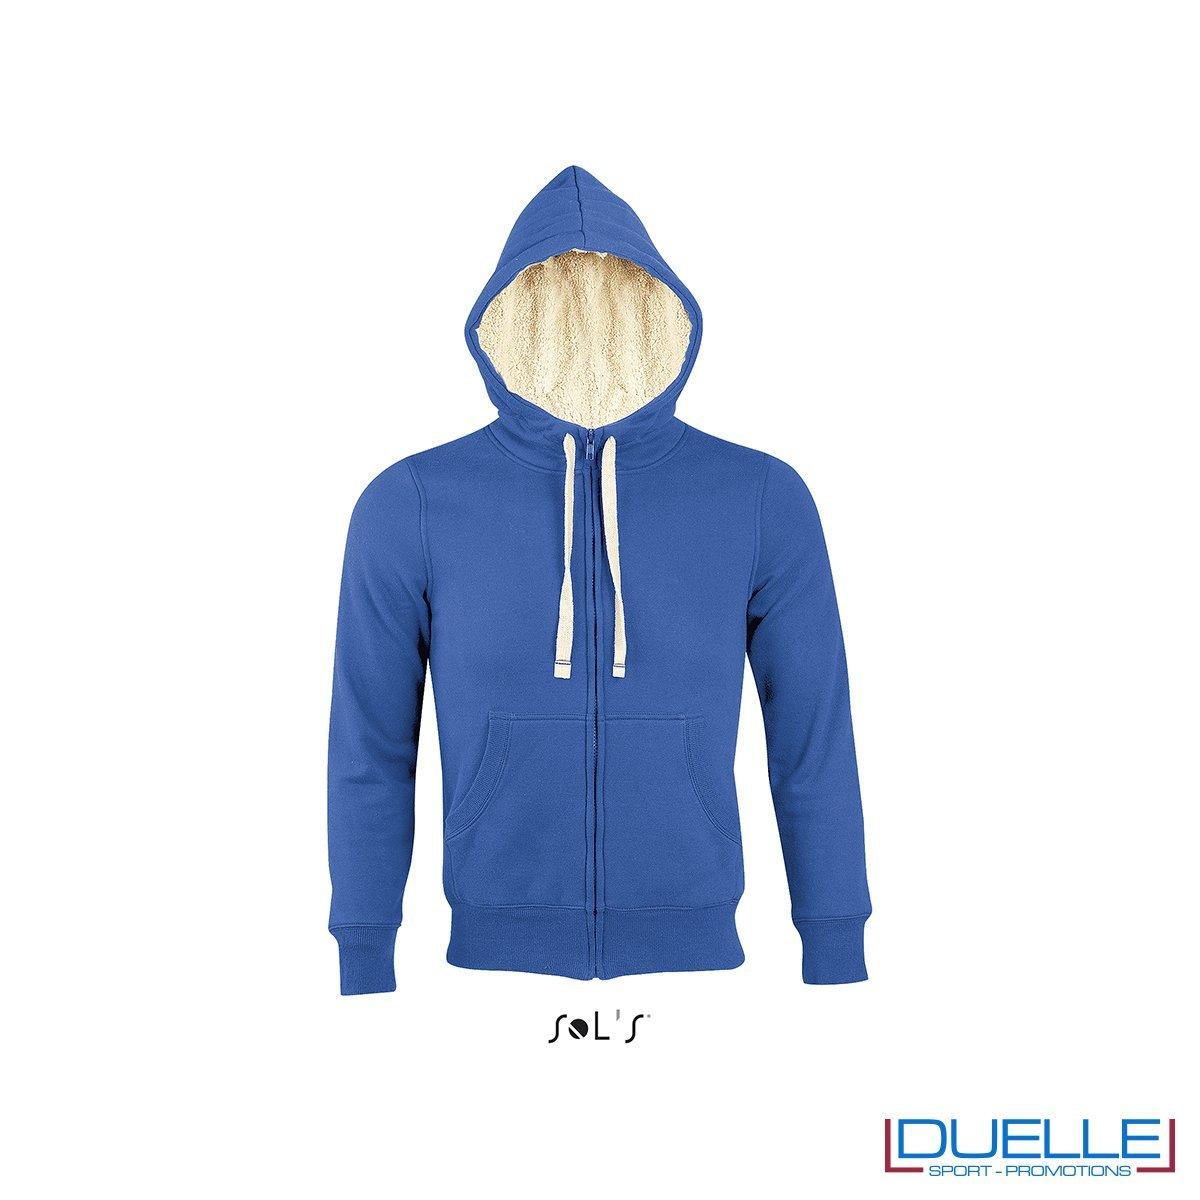 felpa personalizzata con cappuccio e pelo sherpa in colore blu royal, felpe personalizzate